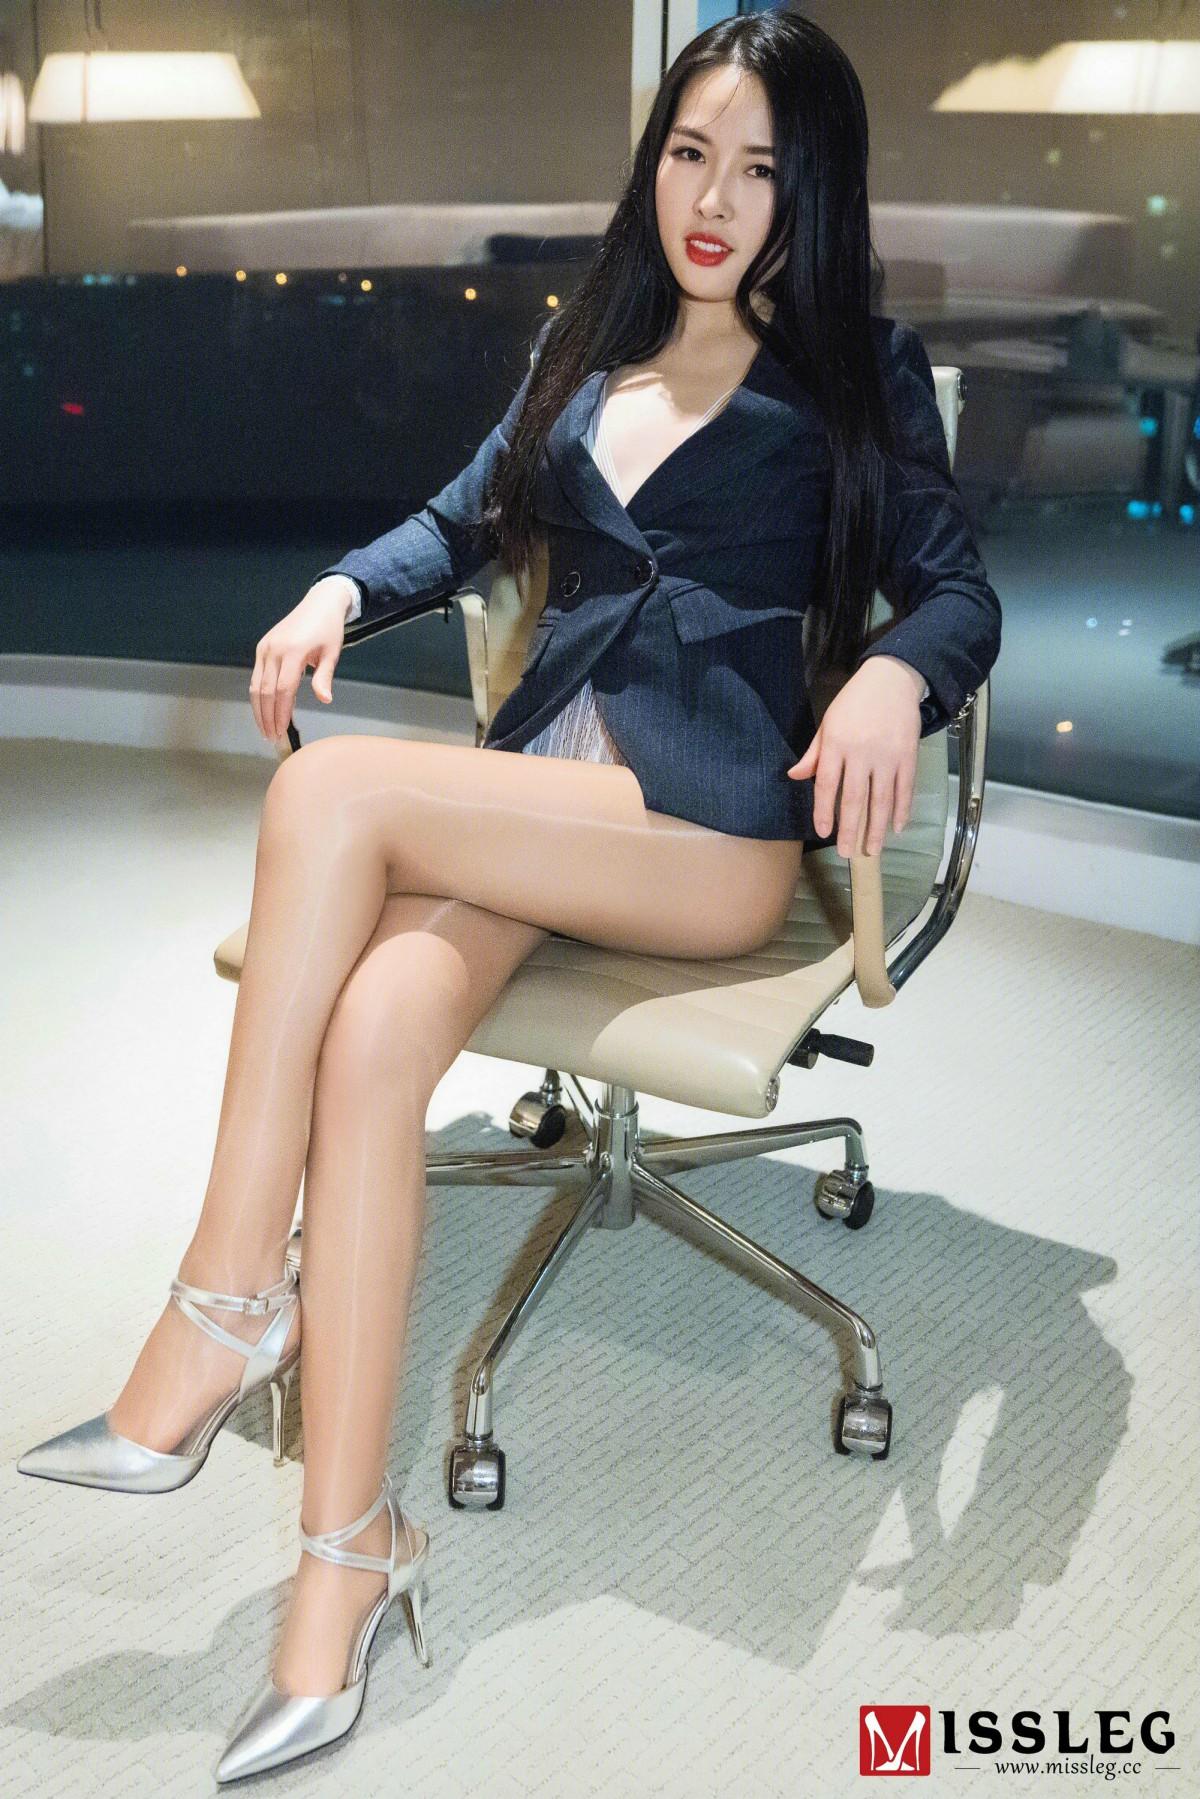 [MISSLEG蜜丝]蜜丝钻石室内N系列 N017 晨雨&琪琪 《压制》[41P] 蜜丝 第1张